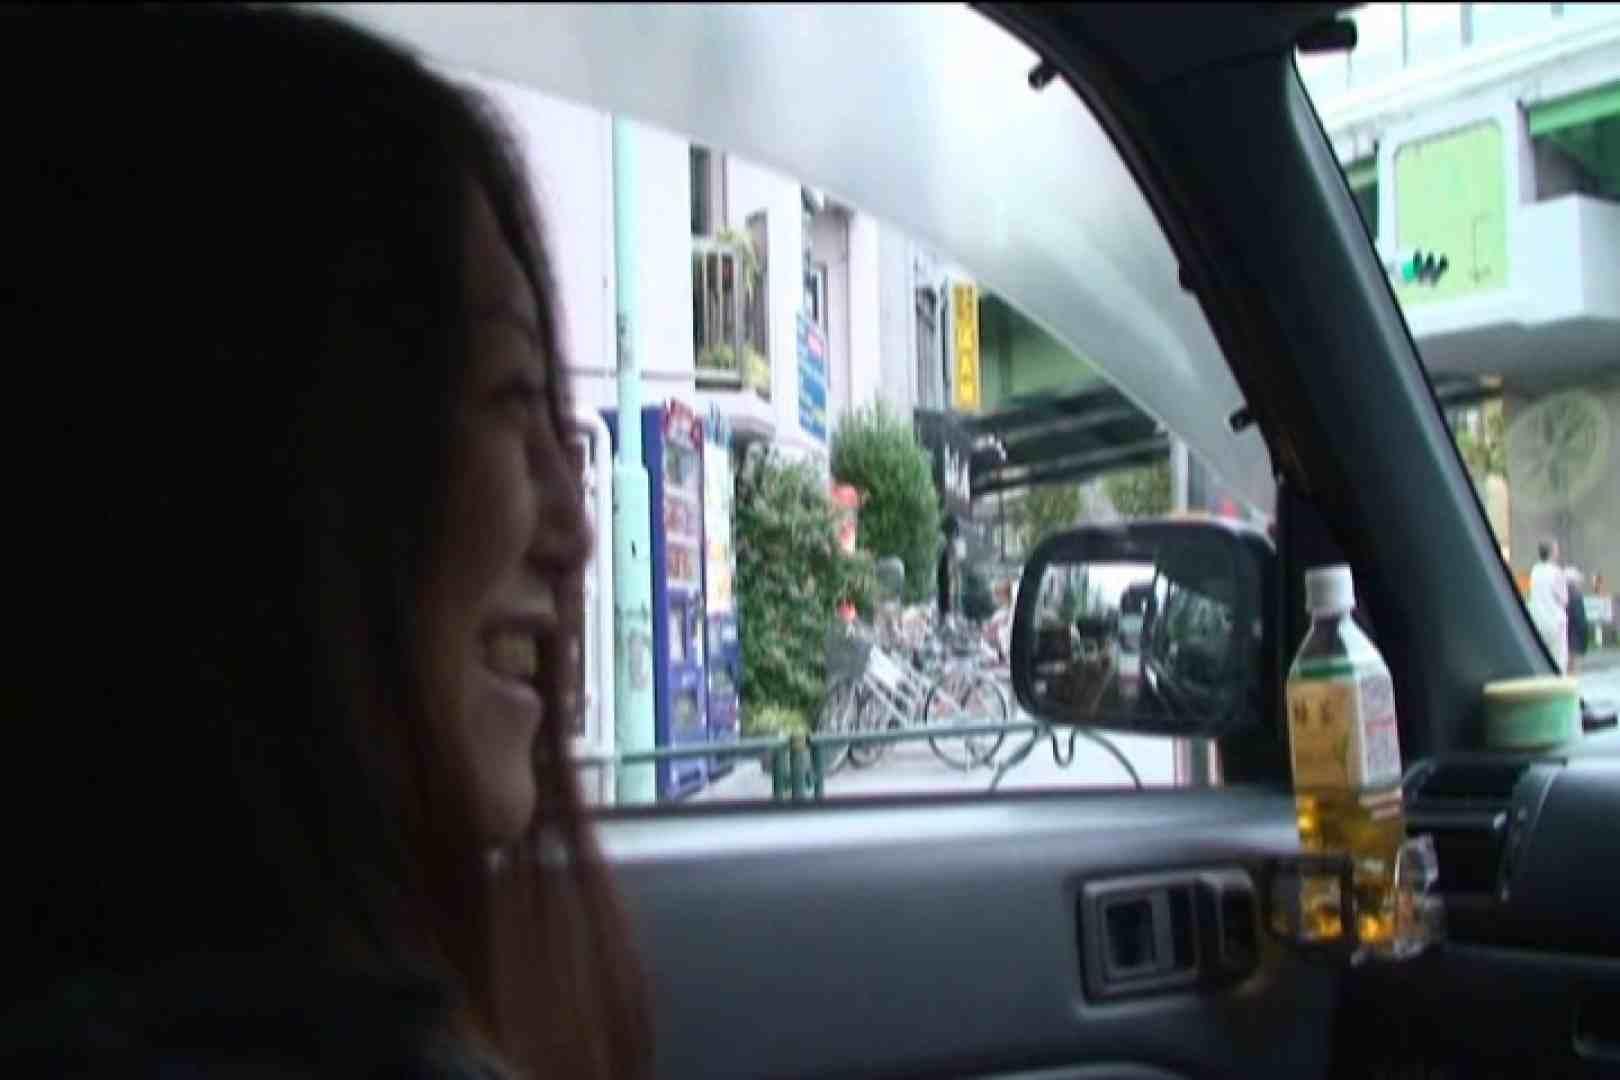 車内で初めまして! vol04 フェラ無修正 隠し撮りオマンコ動画紹介 71画像 32